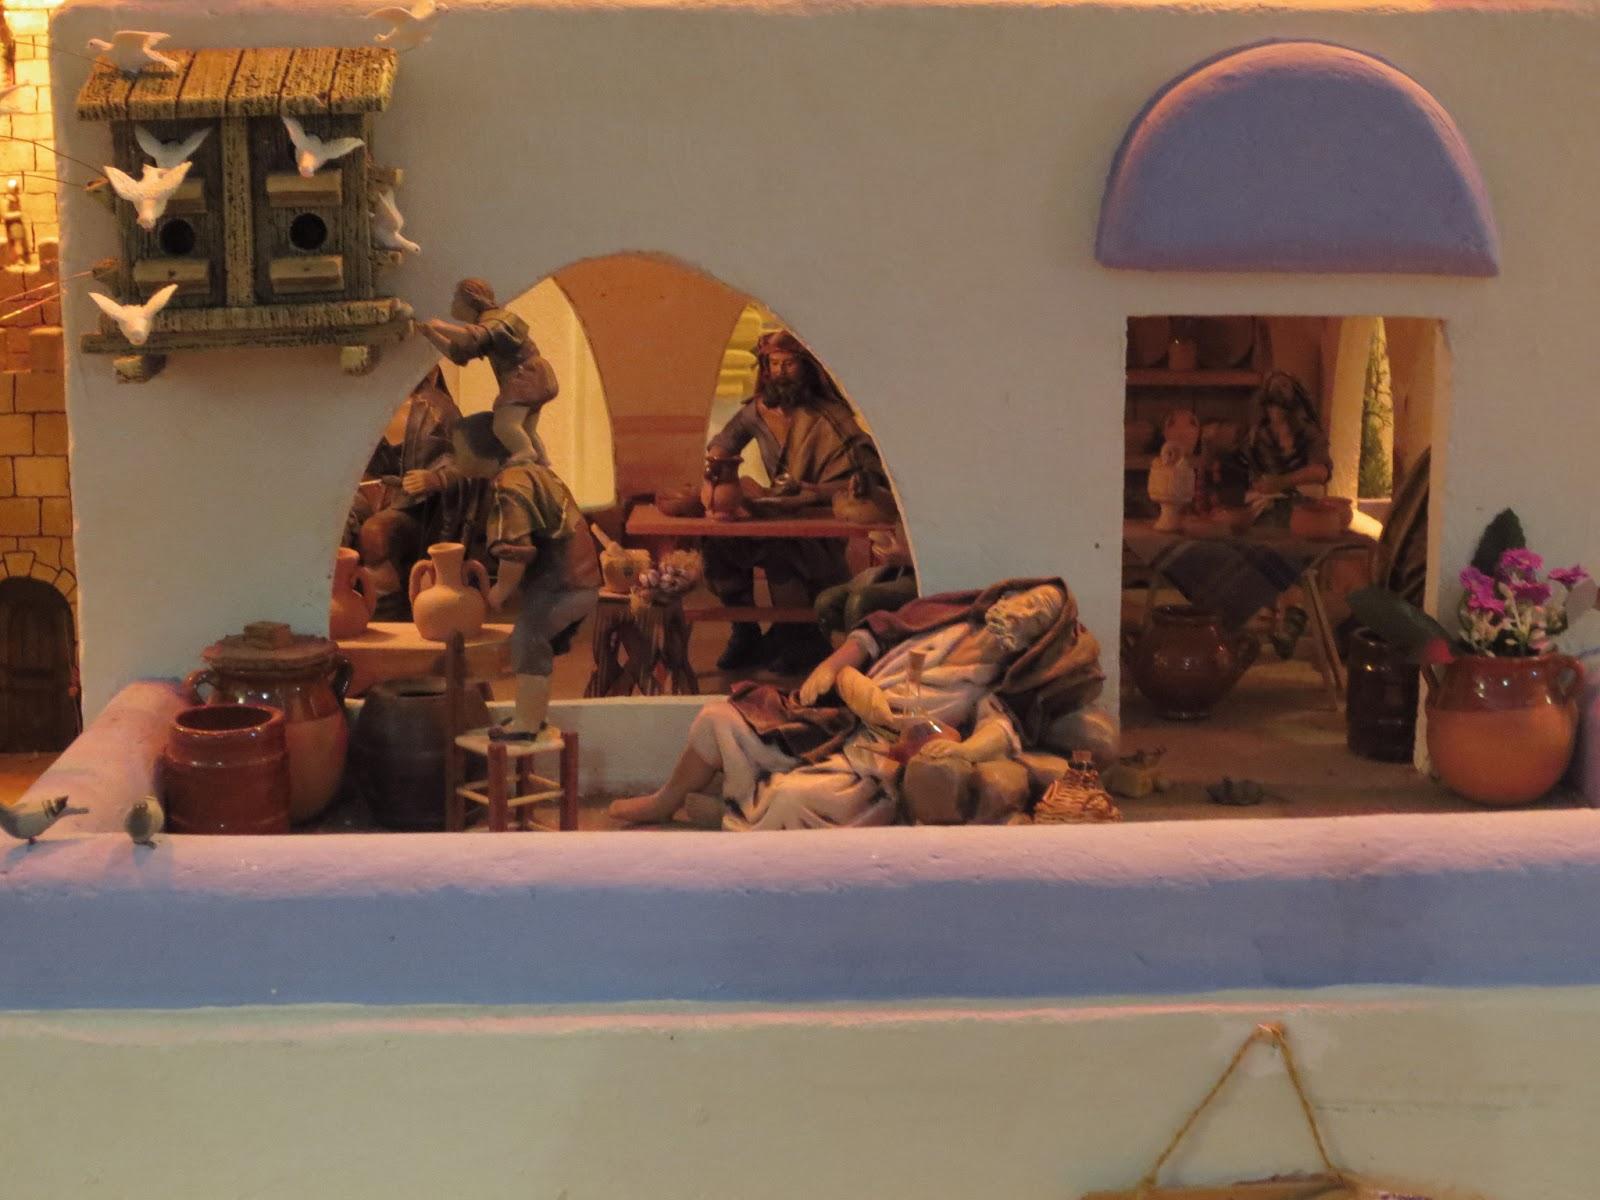 Viola`s Plaudersofa: Weihnachten in Spanien - Teil 1